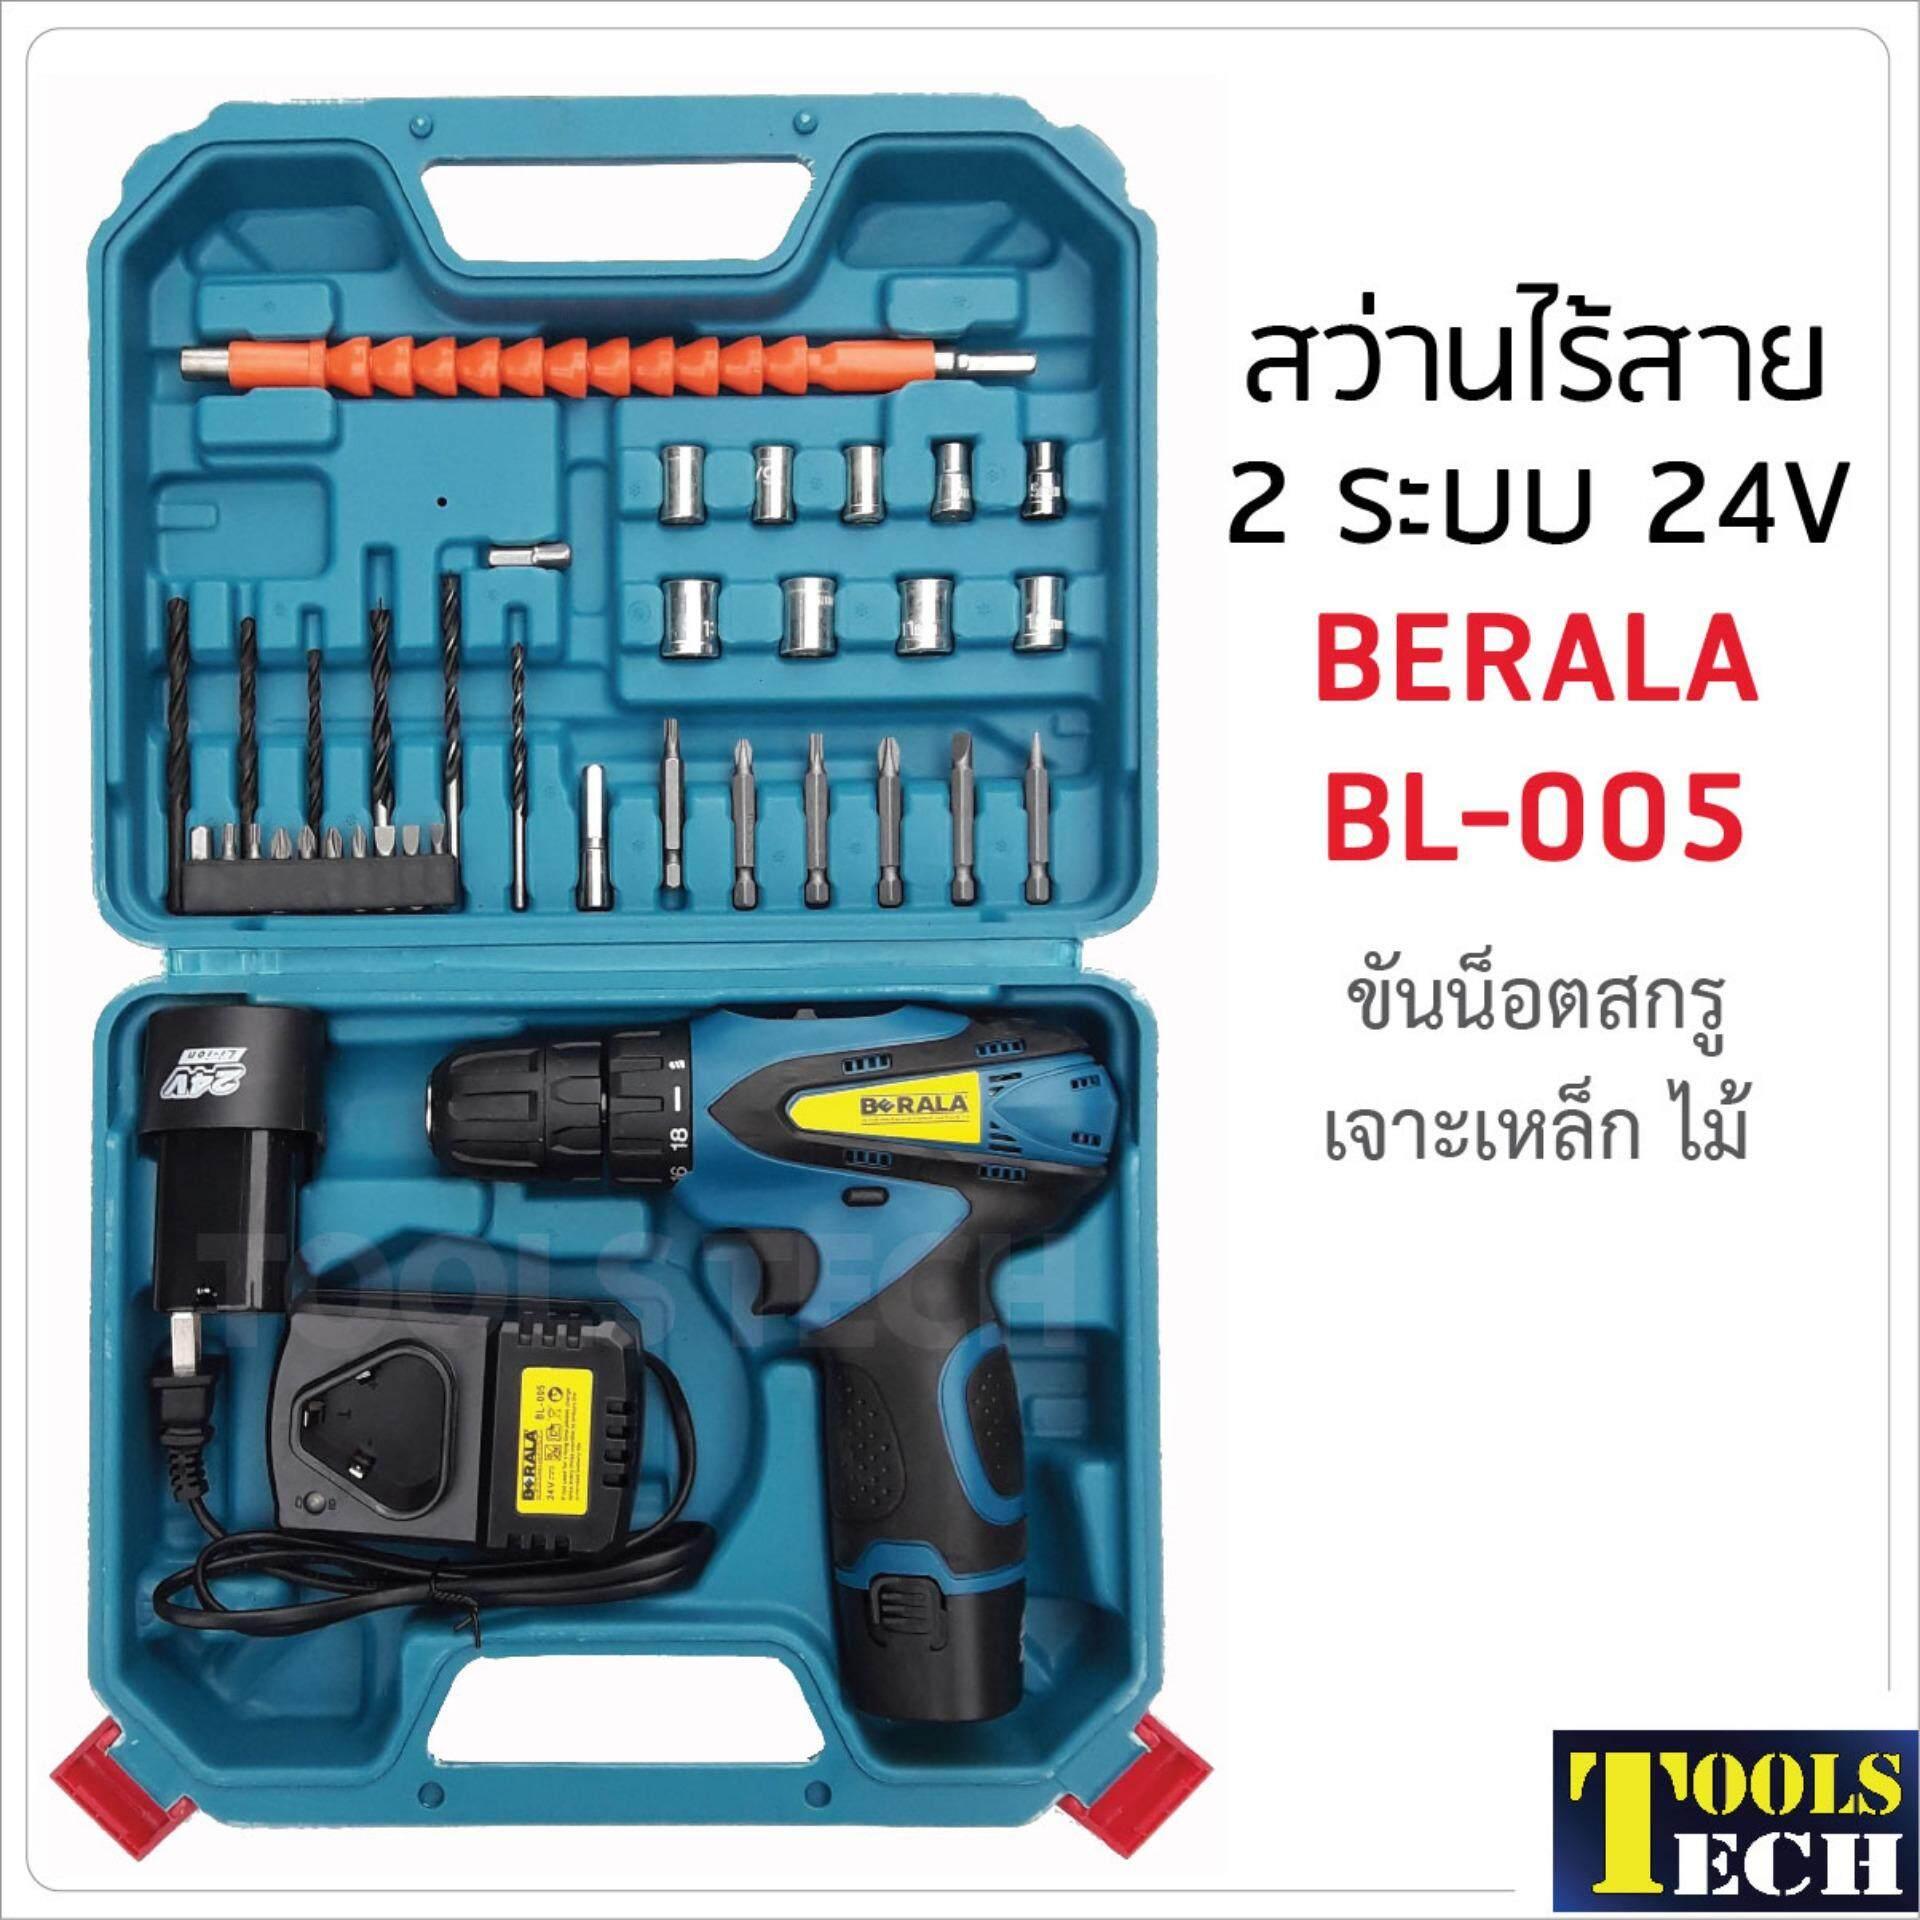 สว่านไร้สาย 2 ระบบ 24V BERALA BL-005